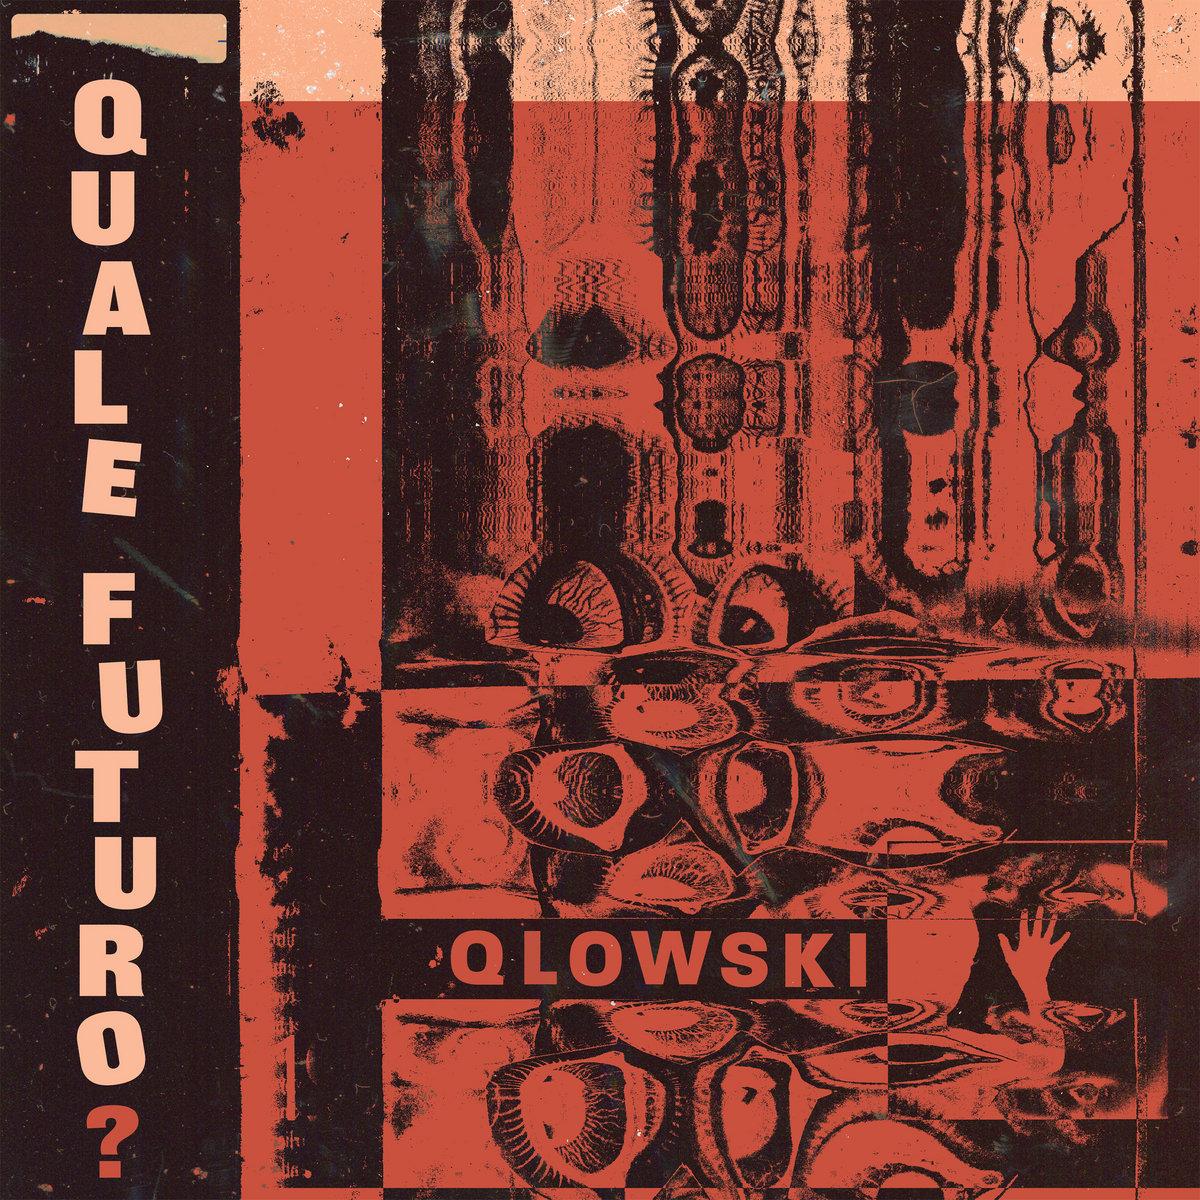 Qlowski - Quale Futuro?